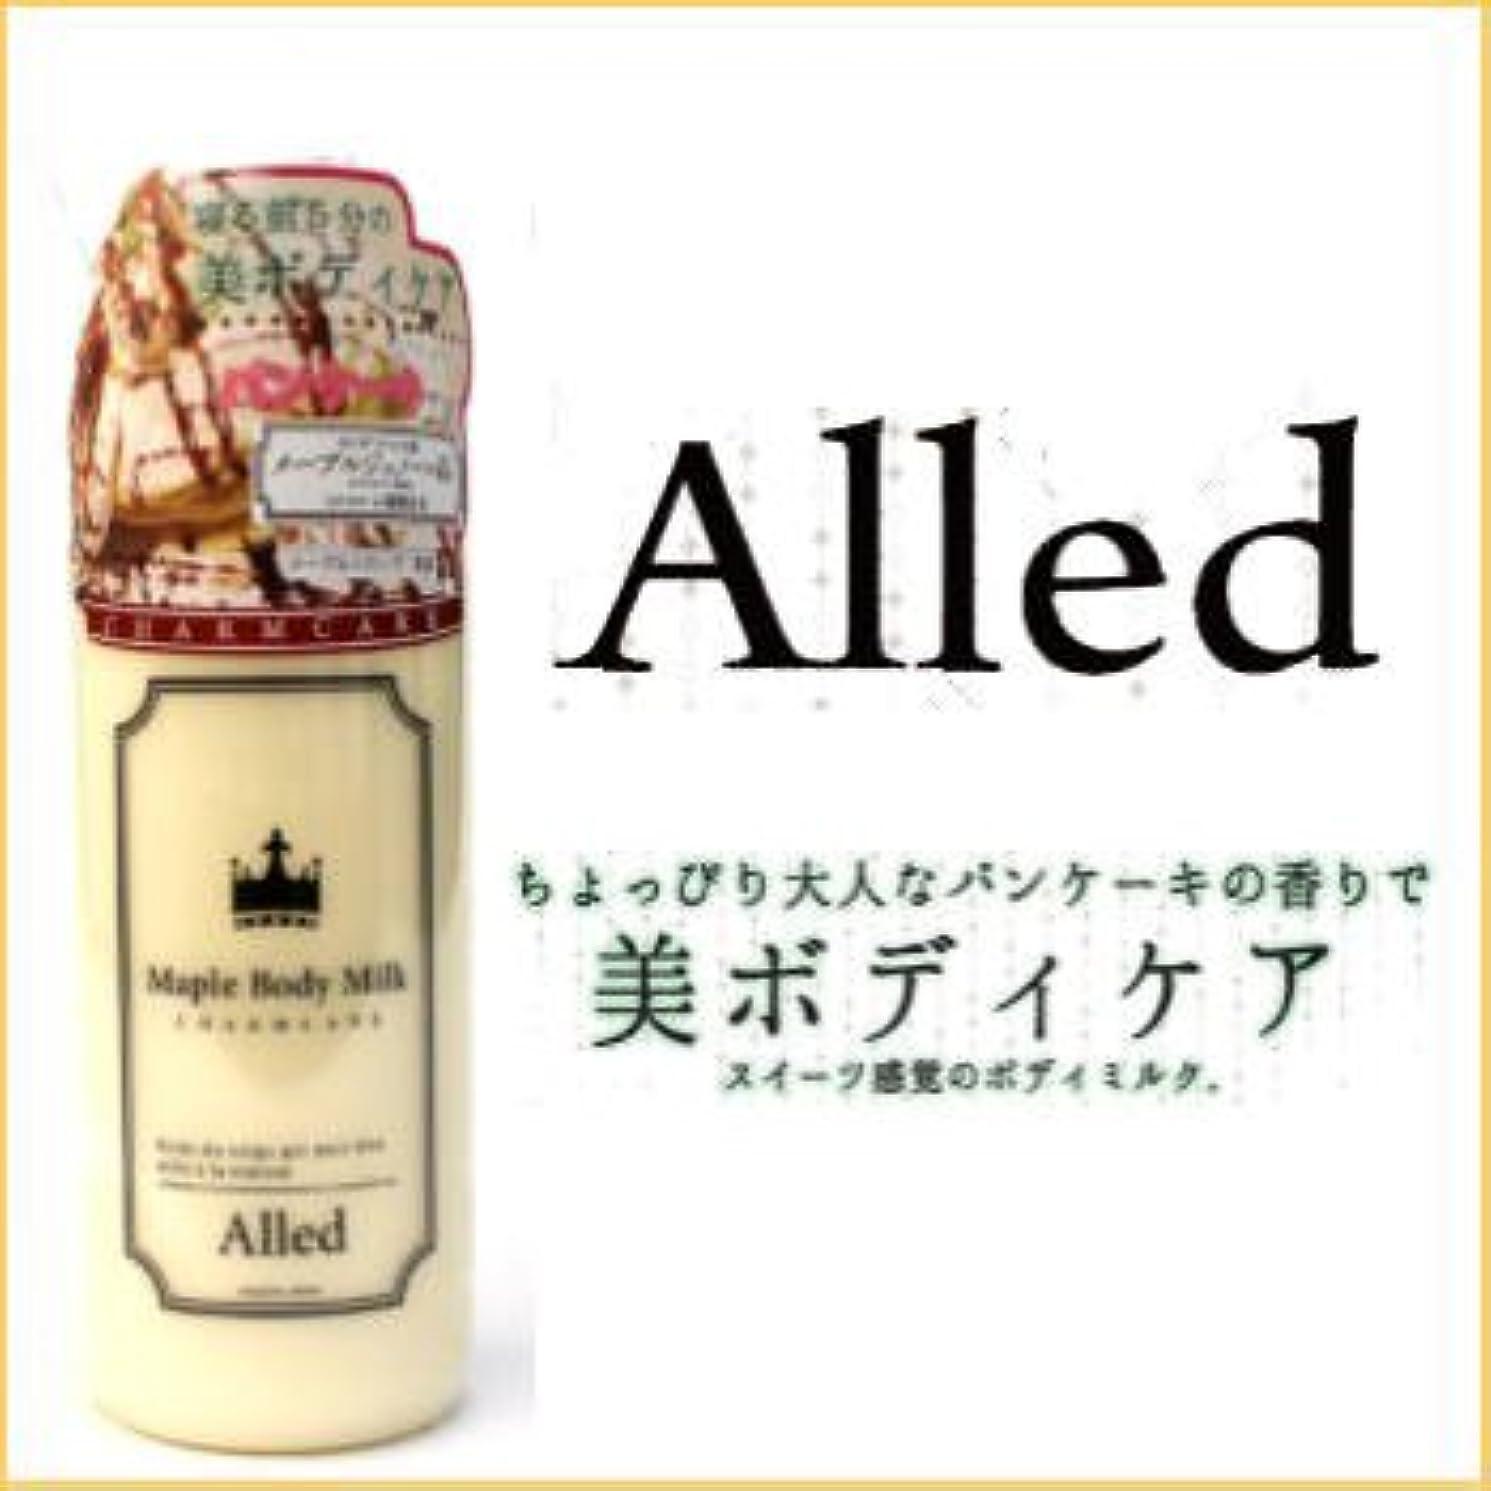 余暇たまに受粉するアレッド メープルボディミルク 300ml